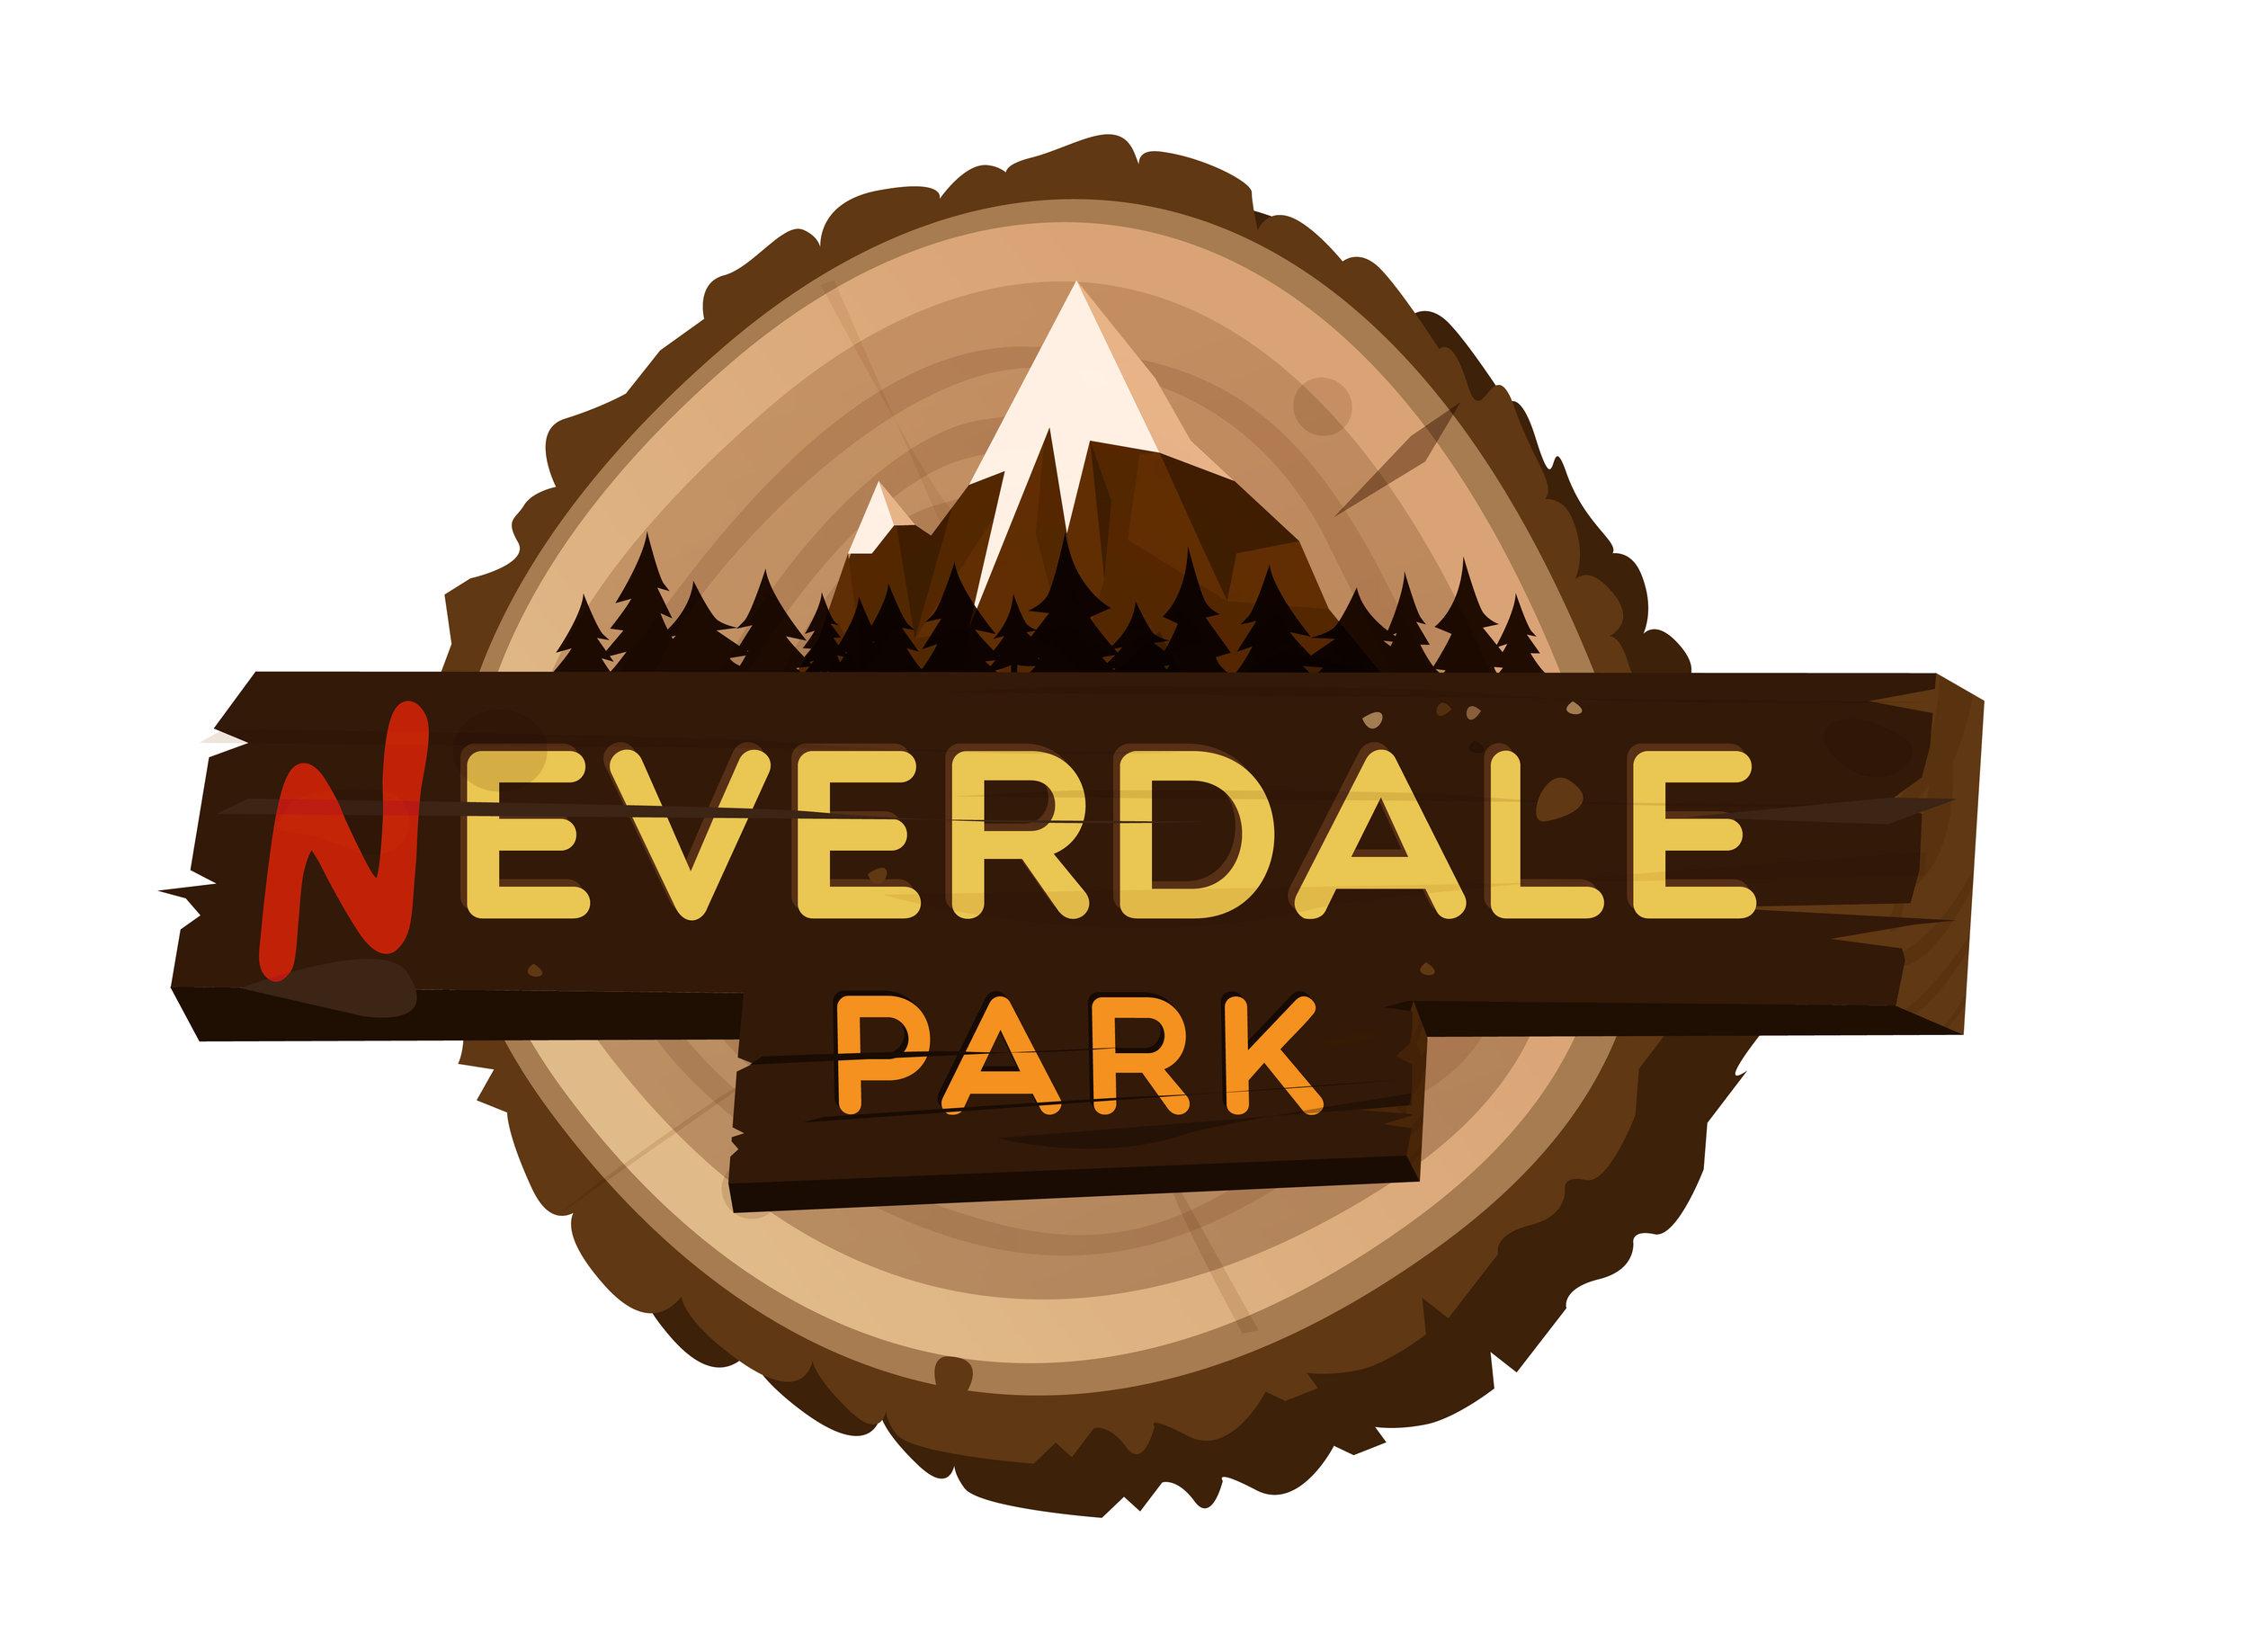 Neverdale_Park_Logo4-17.jpg